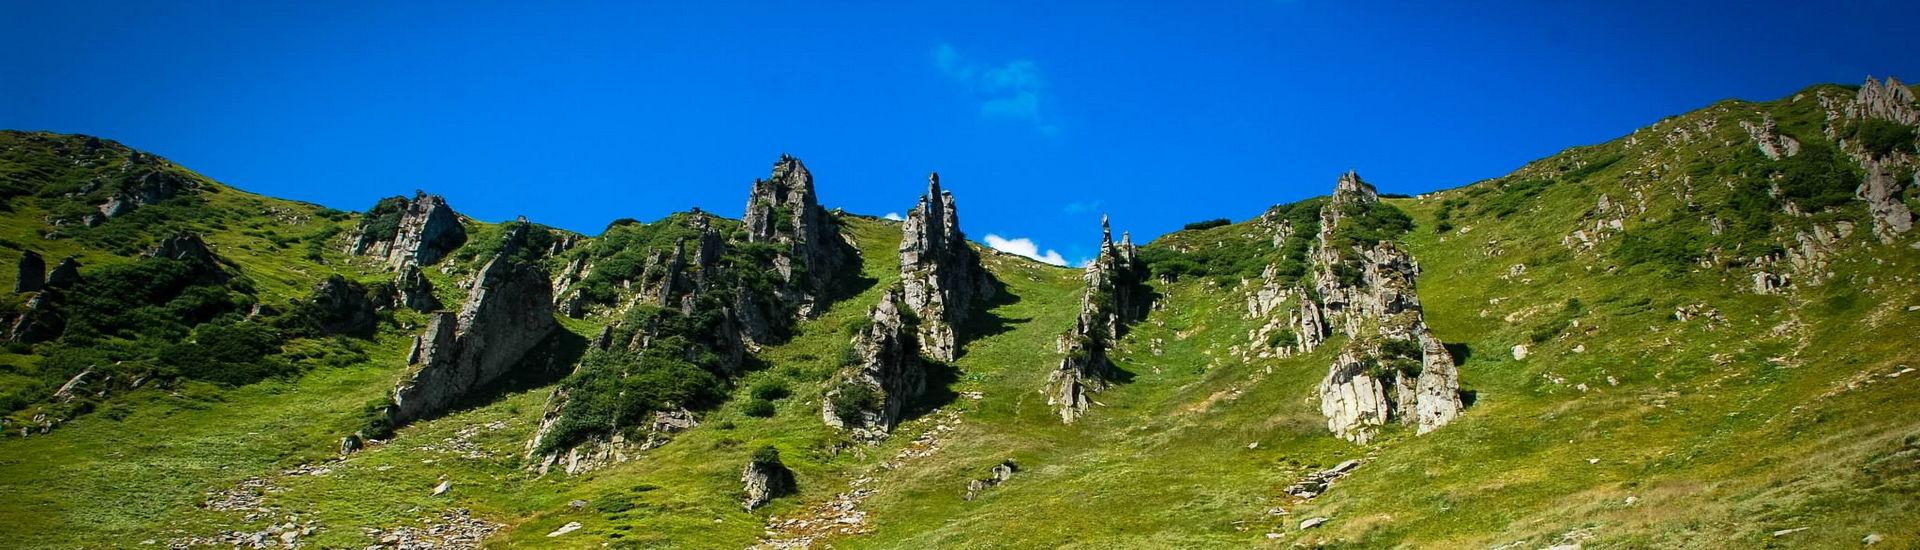 Черногорский хребет, маршрут на гору Шпицы